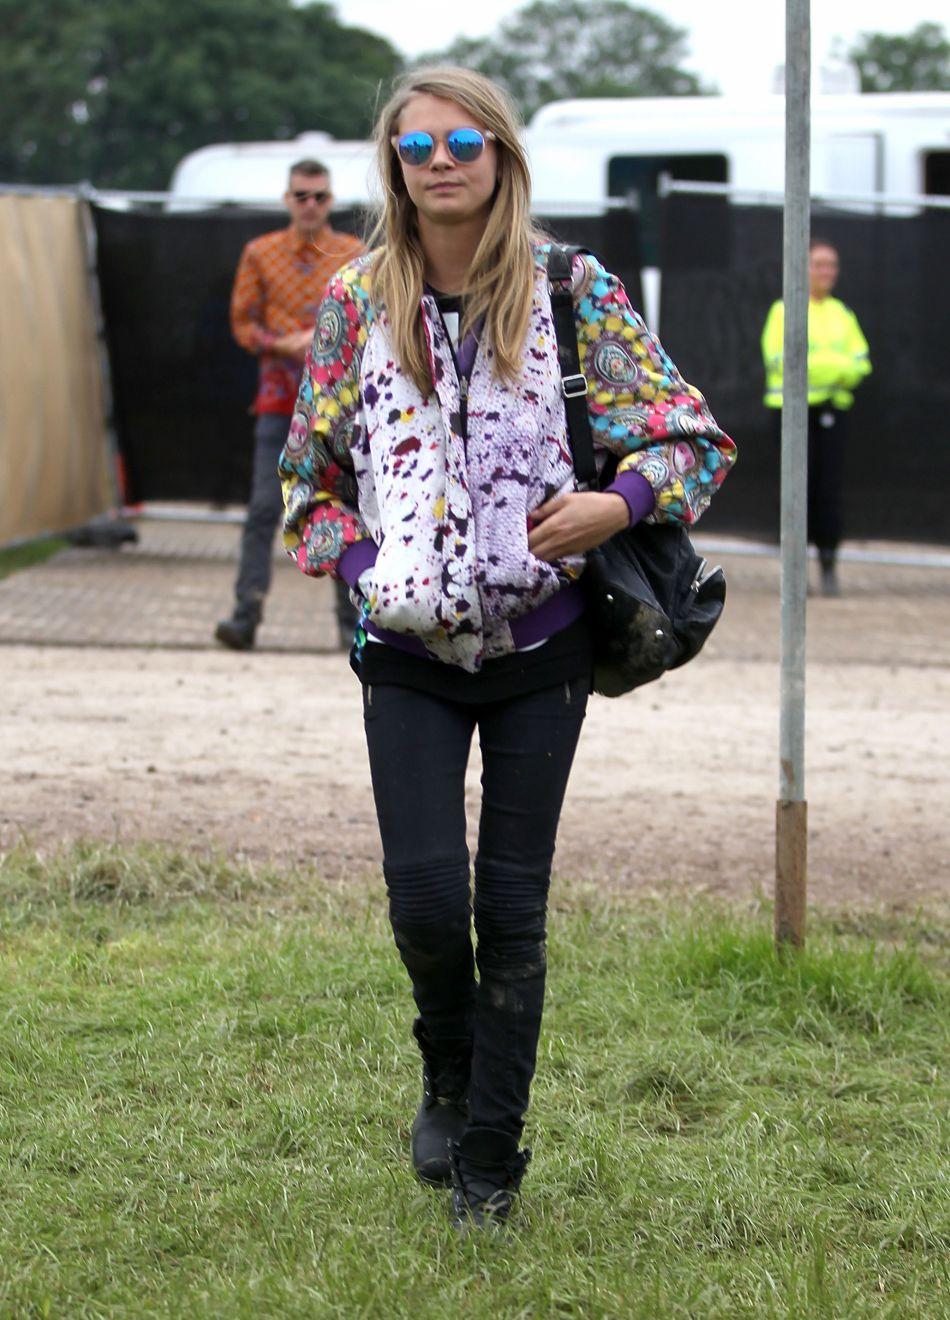 Comme toujours, Cara Delevingne n'hésite pas à miser sur l'excentricité à Glastonbury. On valide sa veste imprimée.